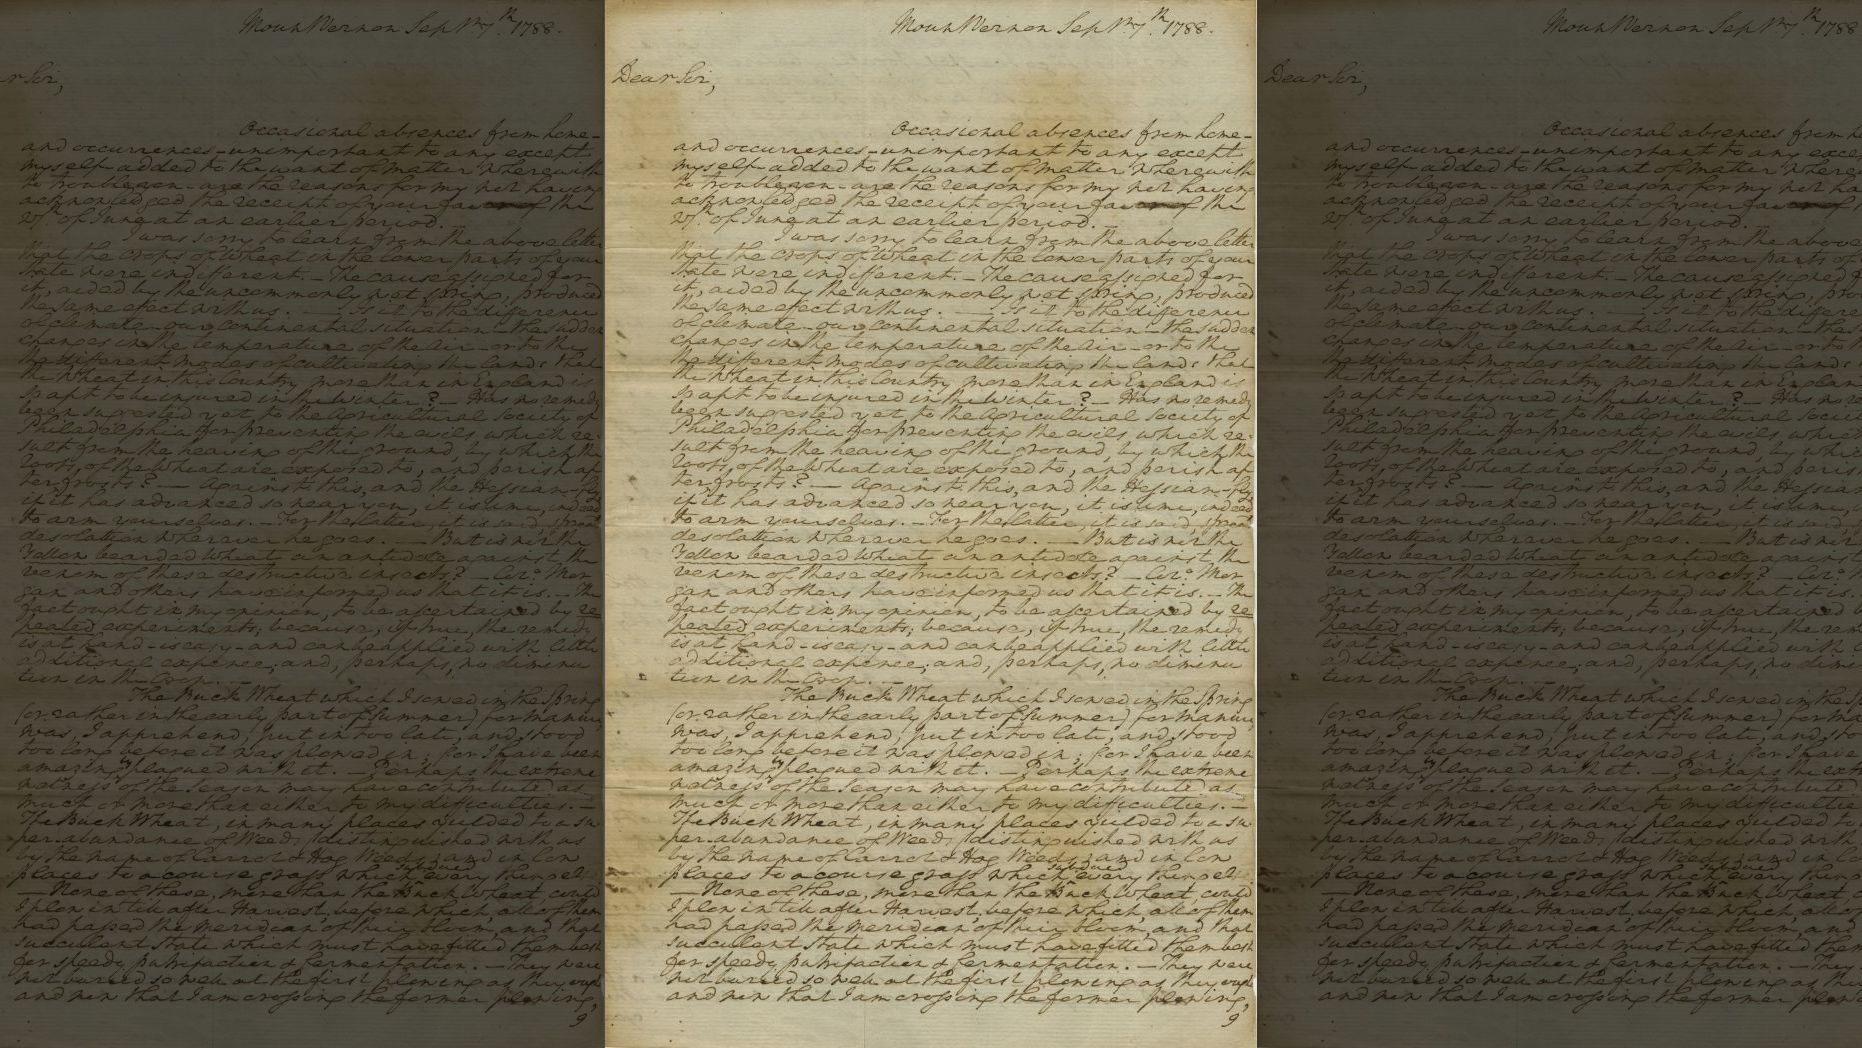 La carta alaba a Dios por la ratificación de la Constitución de los Estados Unidos (The Raab Collection)